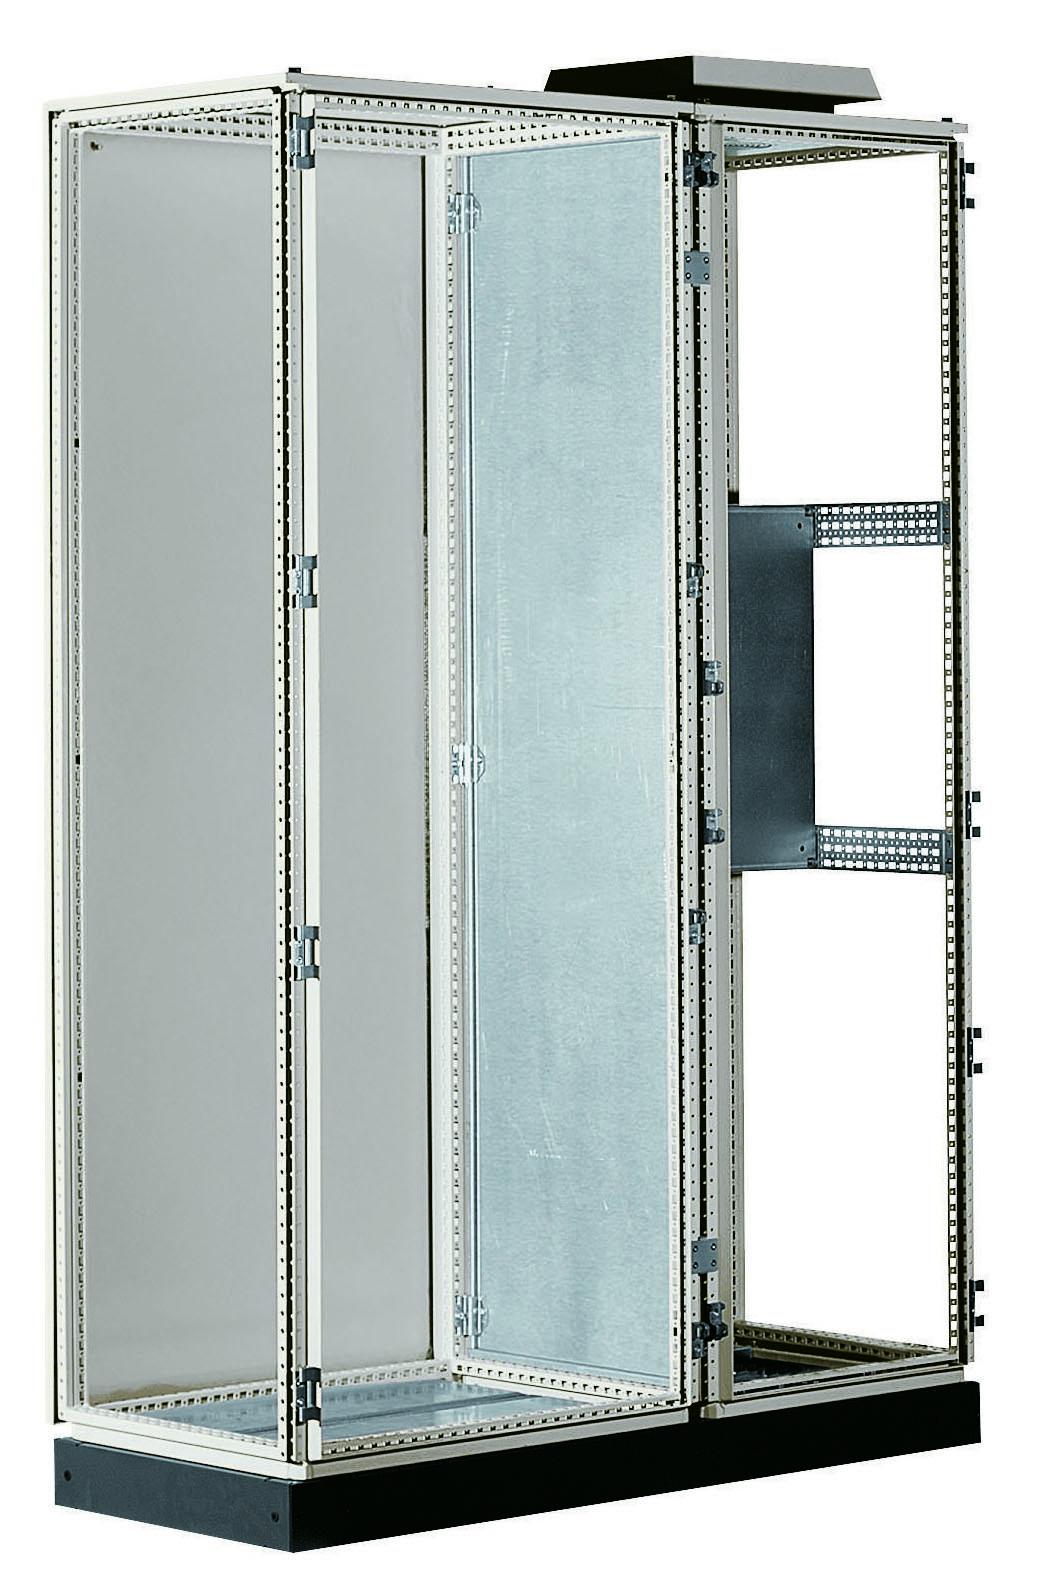 1 Stk Trennwand 1800x400mm ASTW1804--